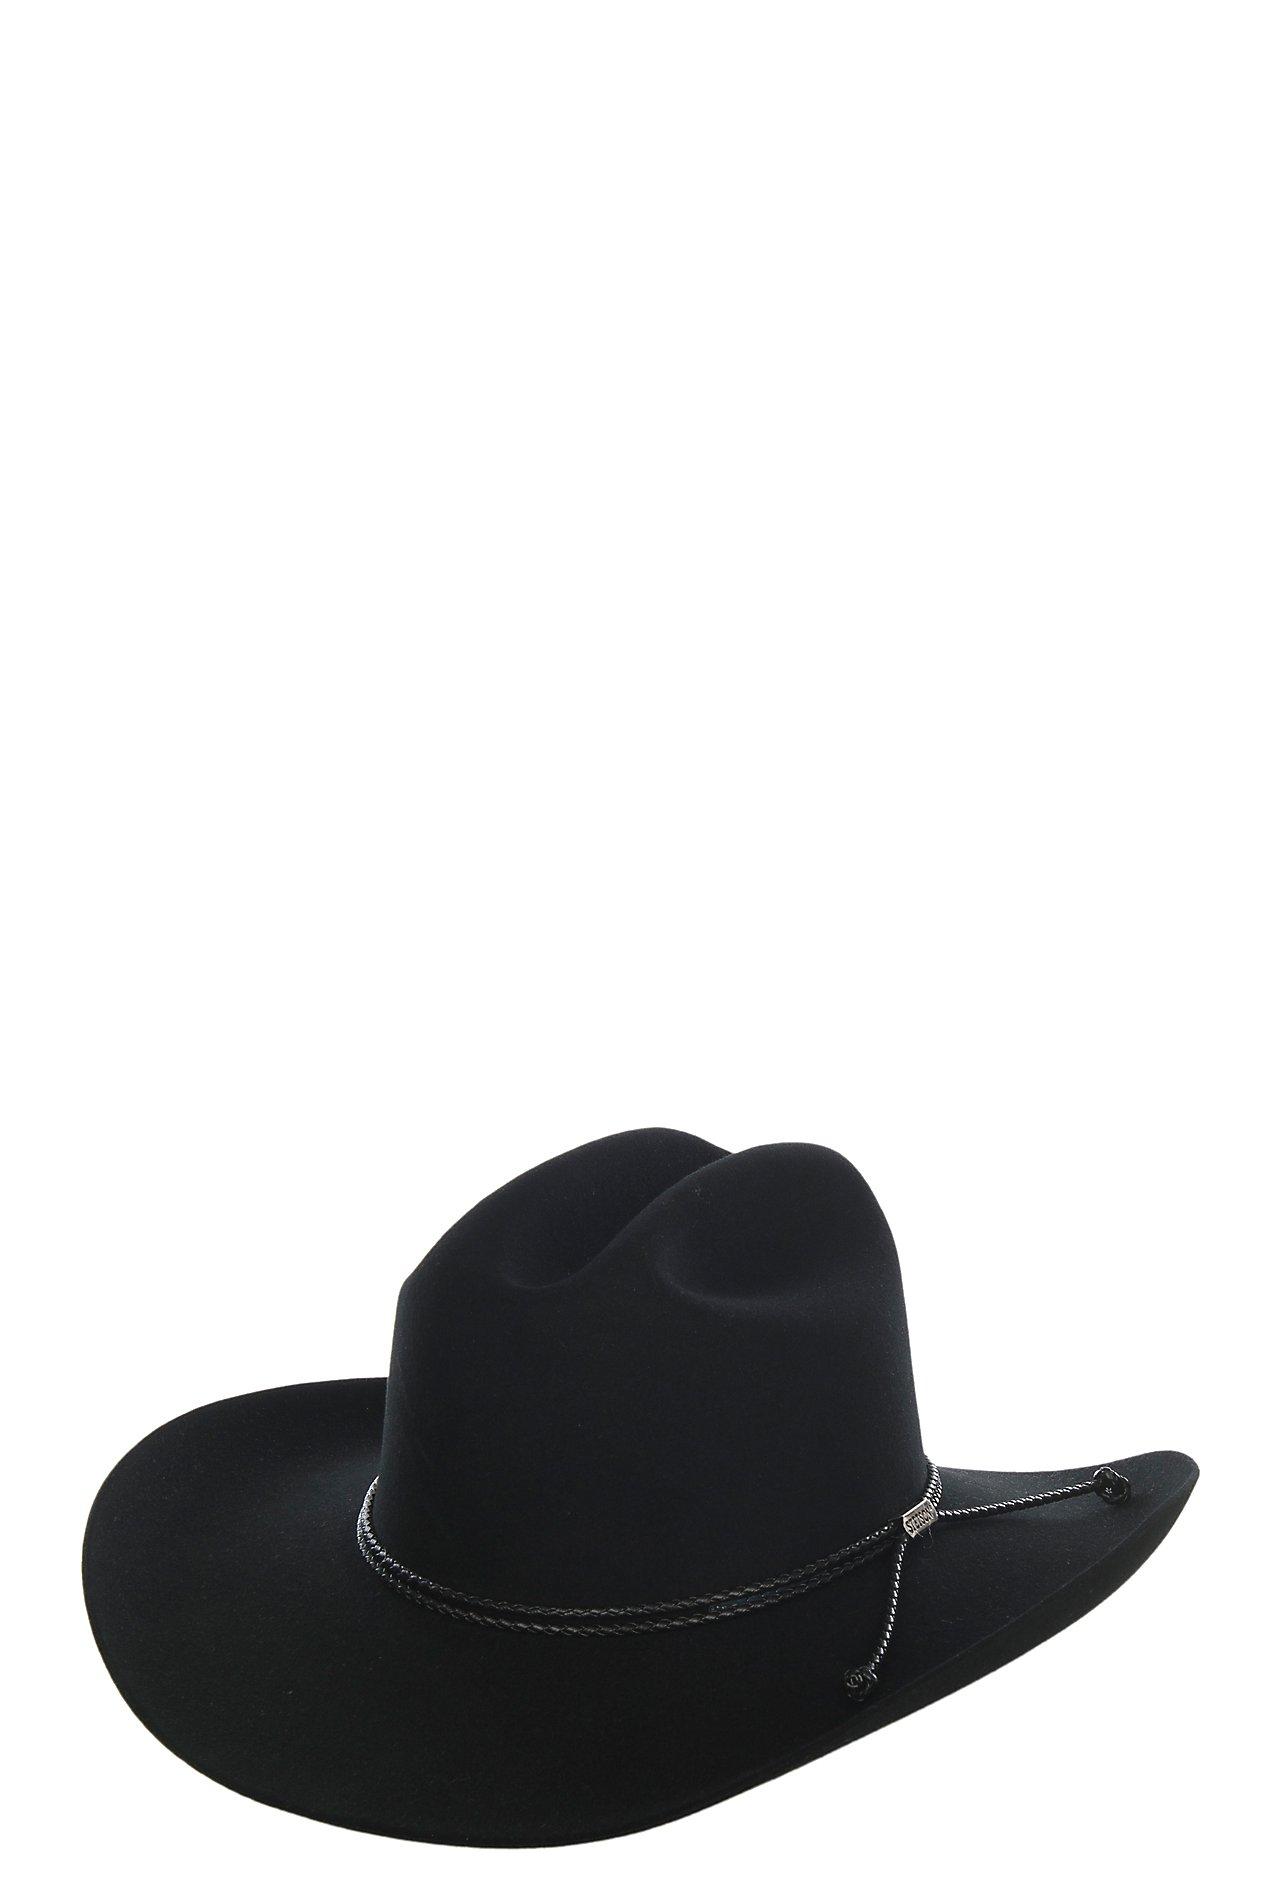 Stetson 6X Carson Black Felt Cowboy Hat  f454ebdef26